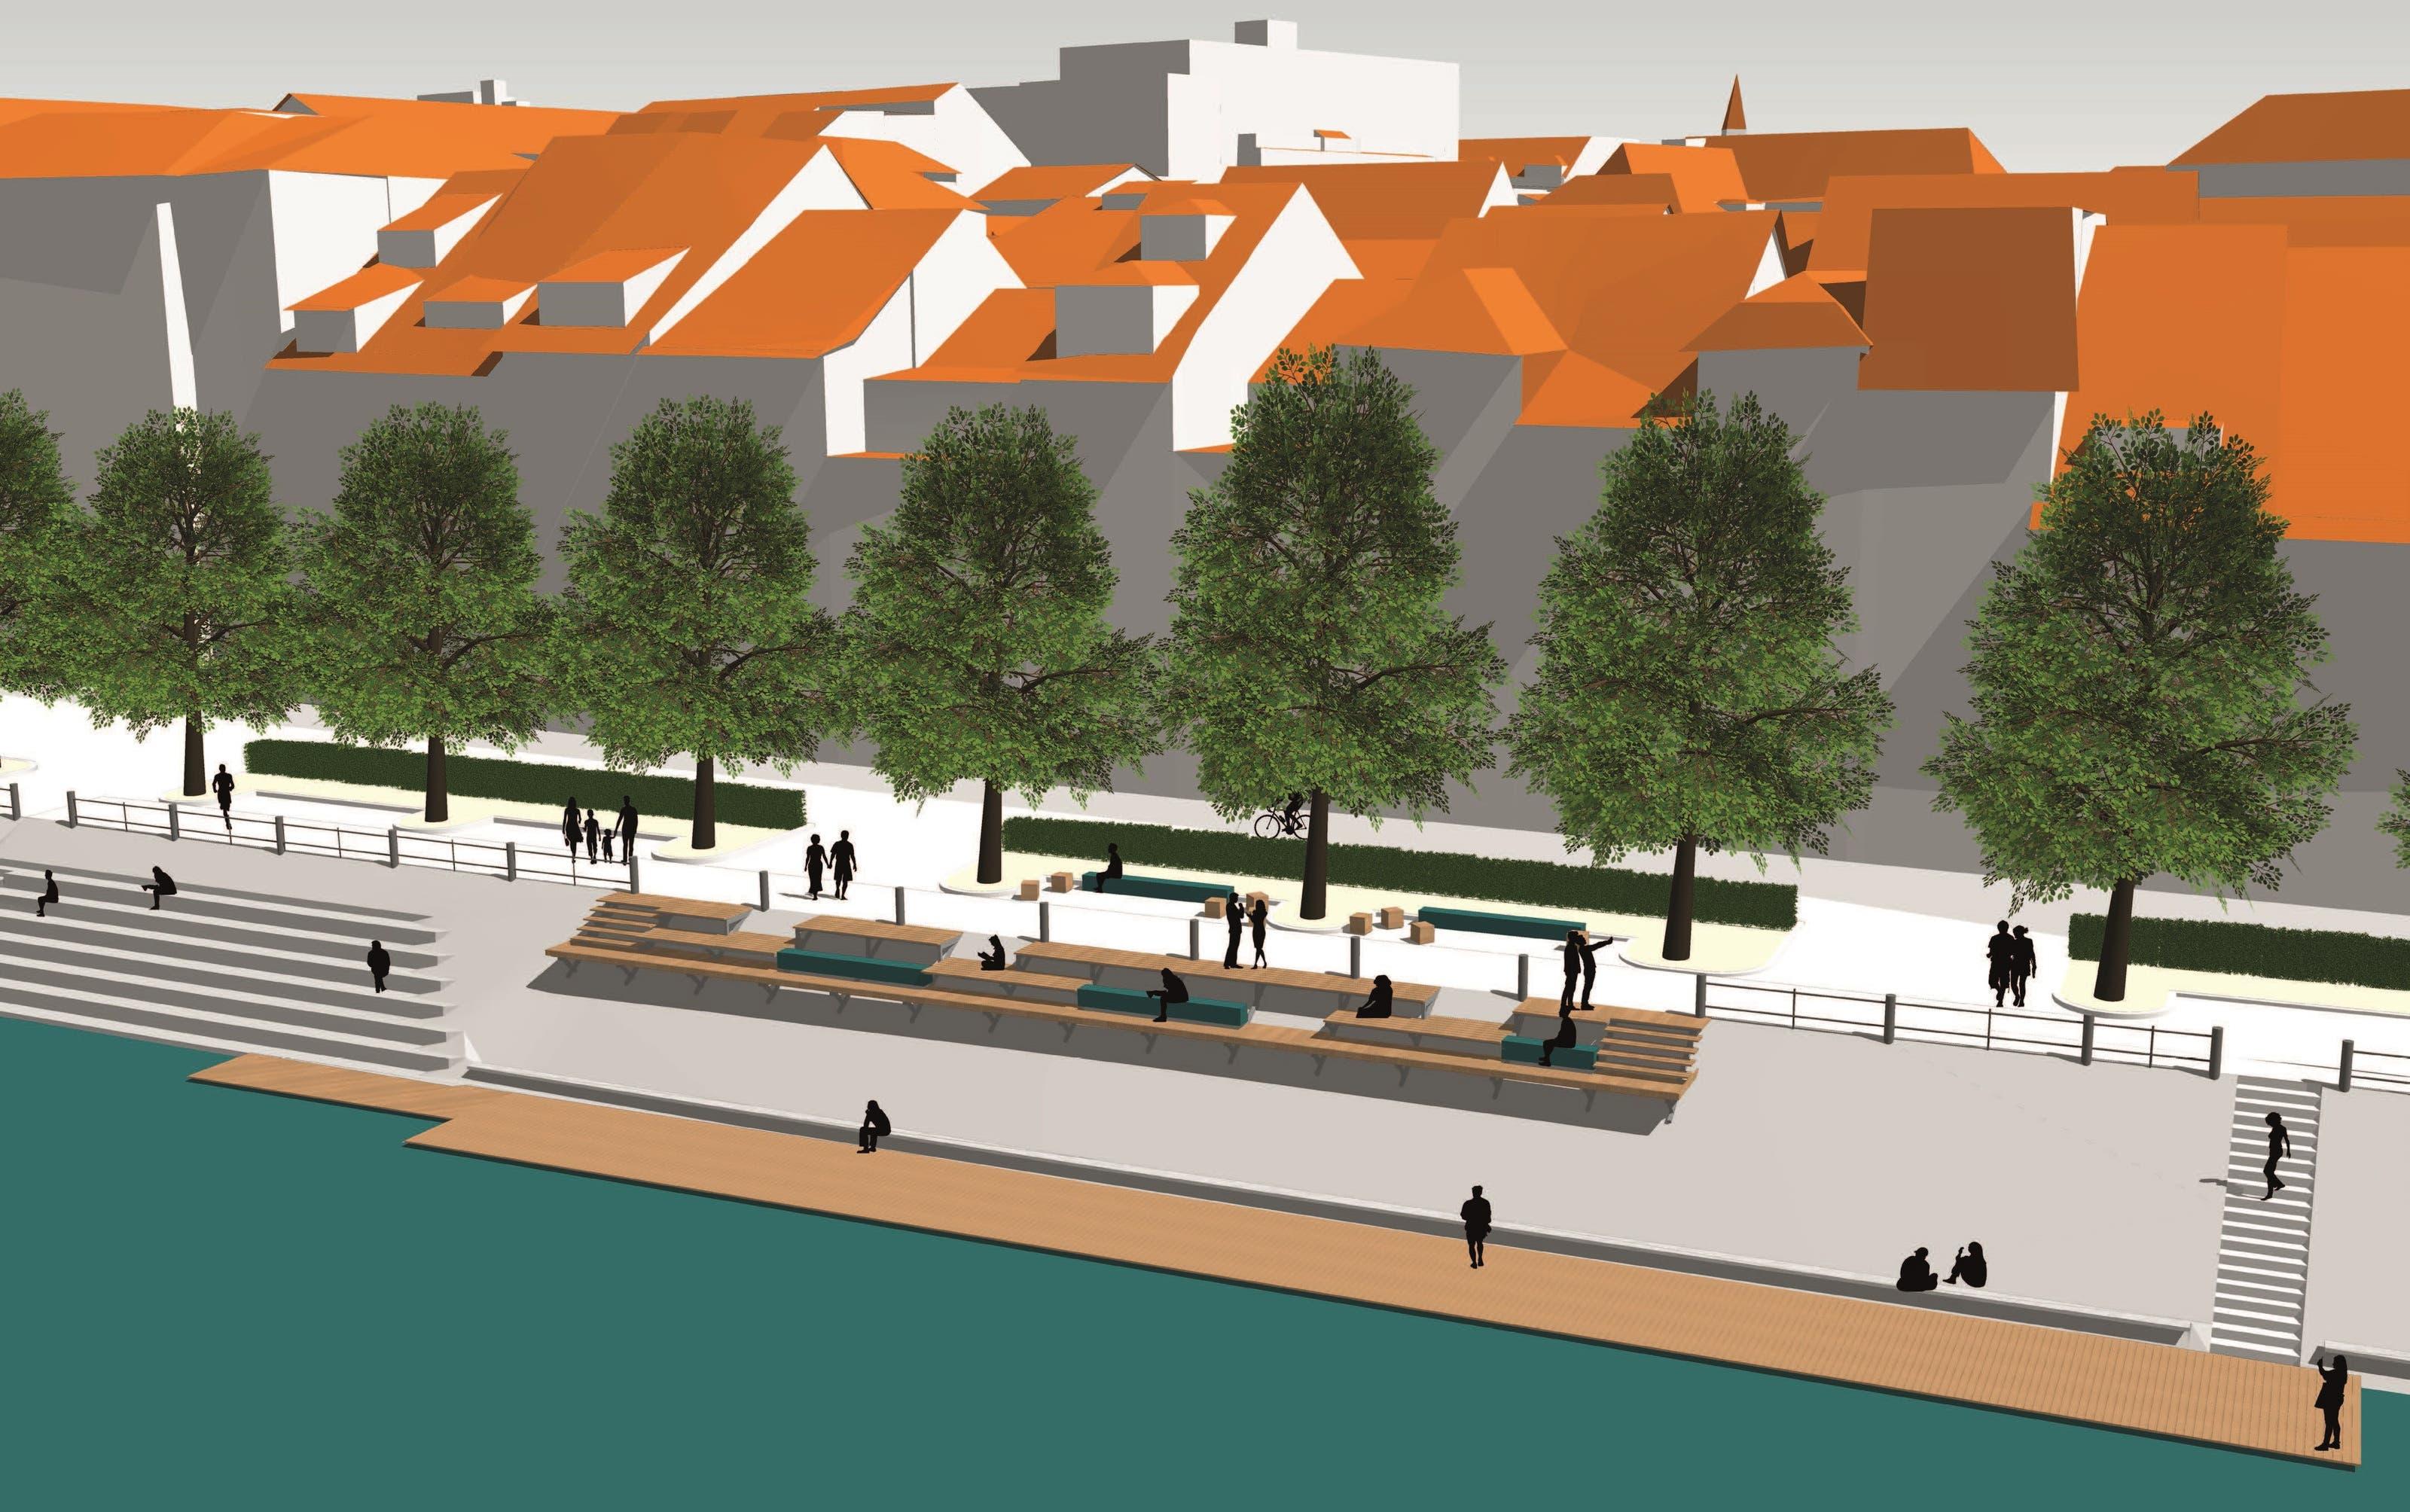 Visualisierung der geplanten hölzernen Rheinterrasse.